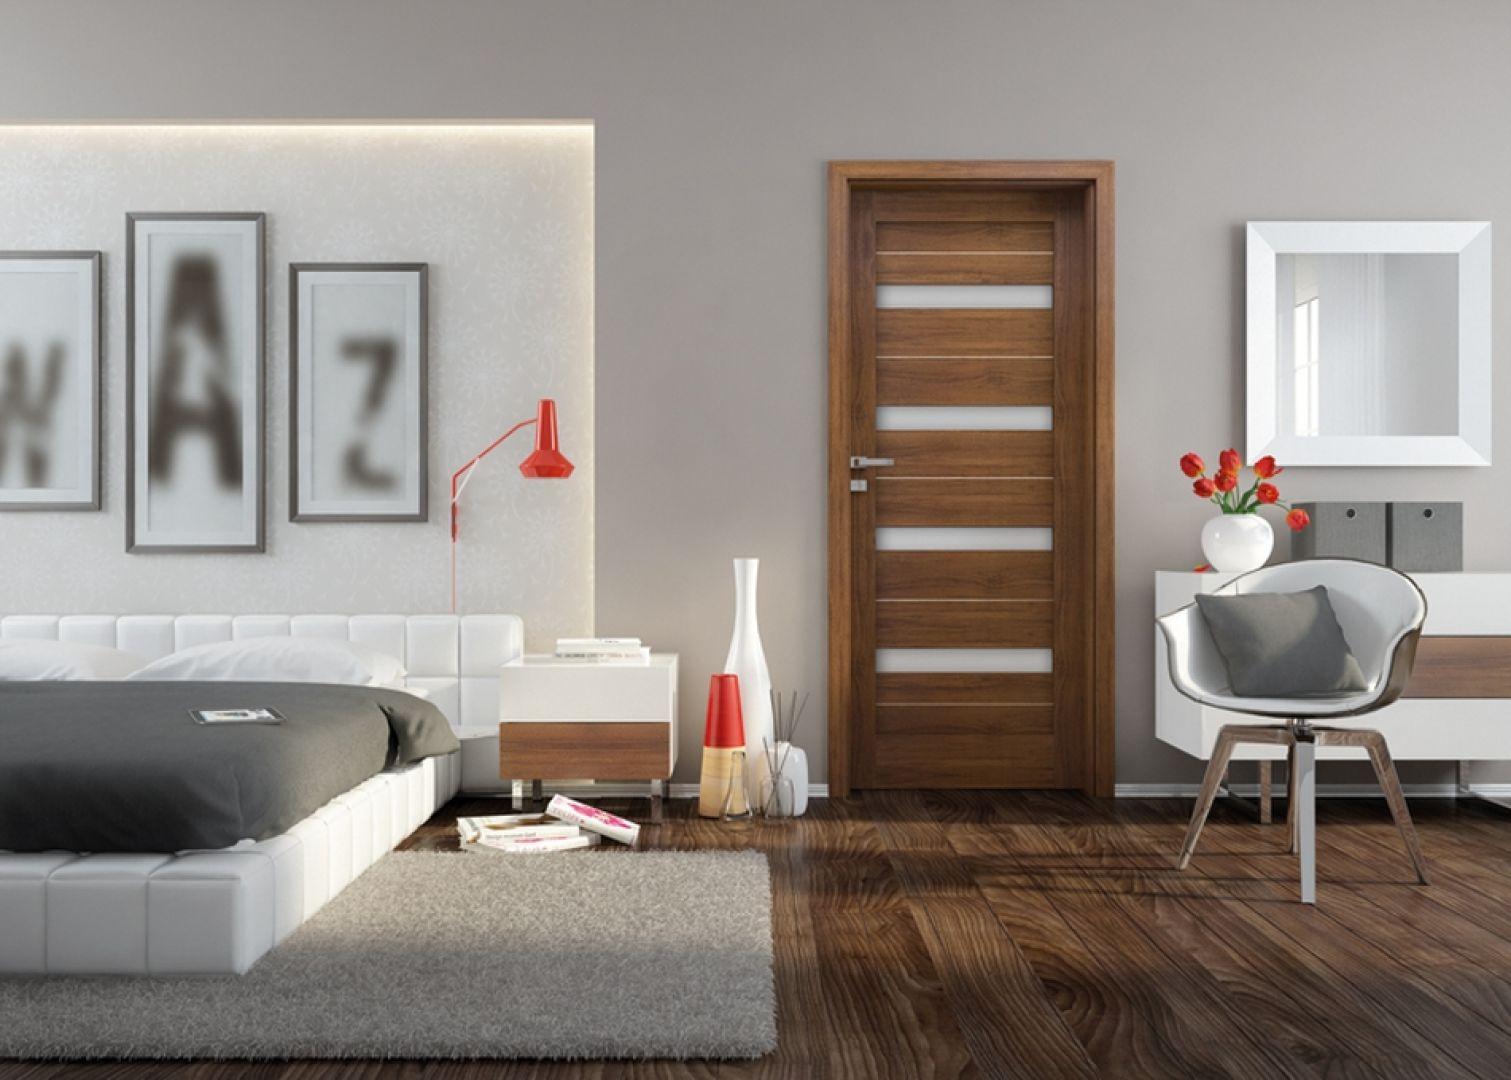 Kolekcja Capena Inserto z opcją kolorowych przeszkleń, będzie dobrym wyborem do gabinetu i sypialni. Fot. Invado